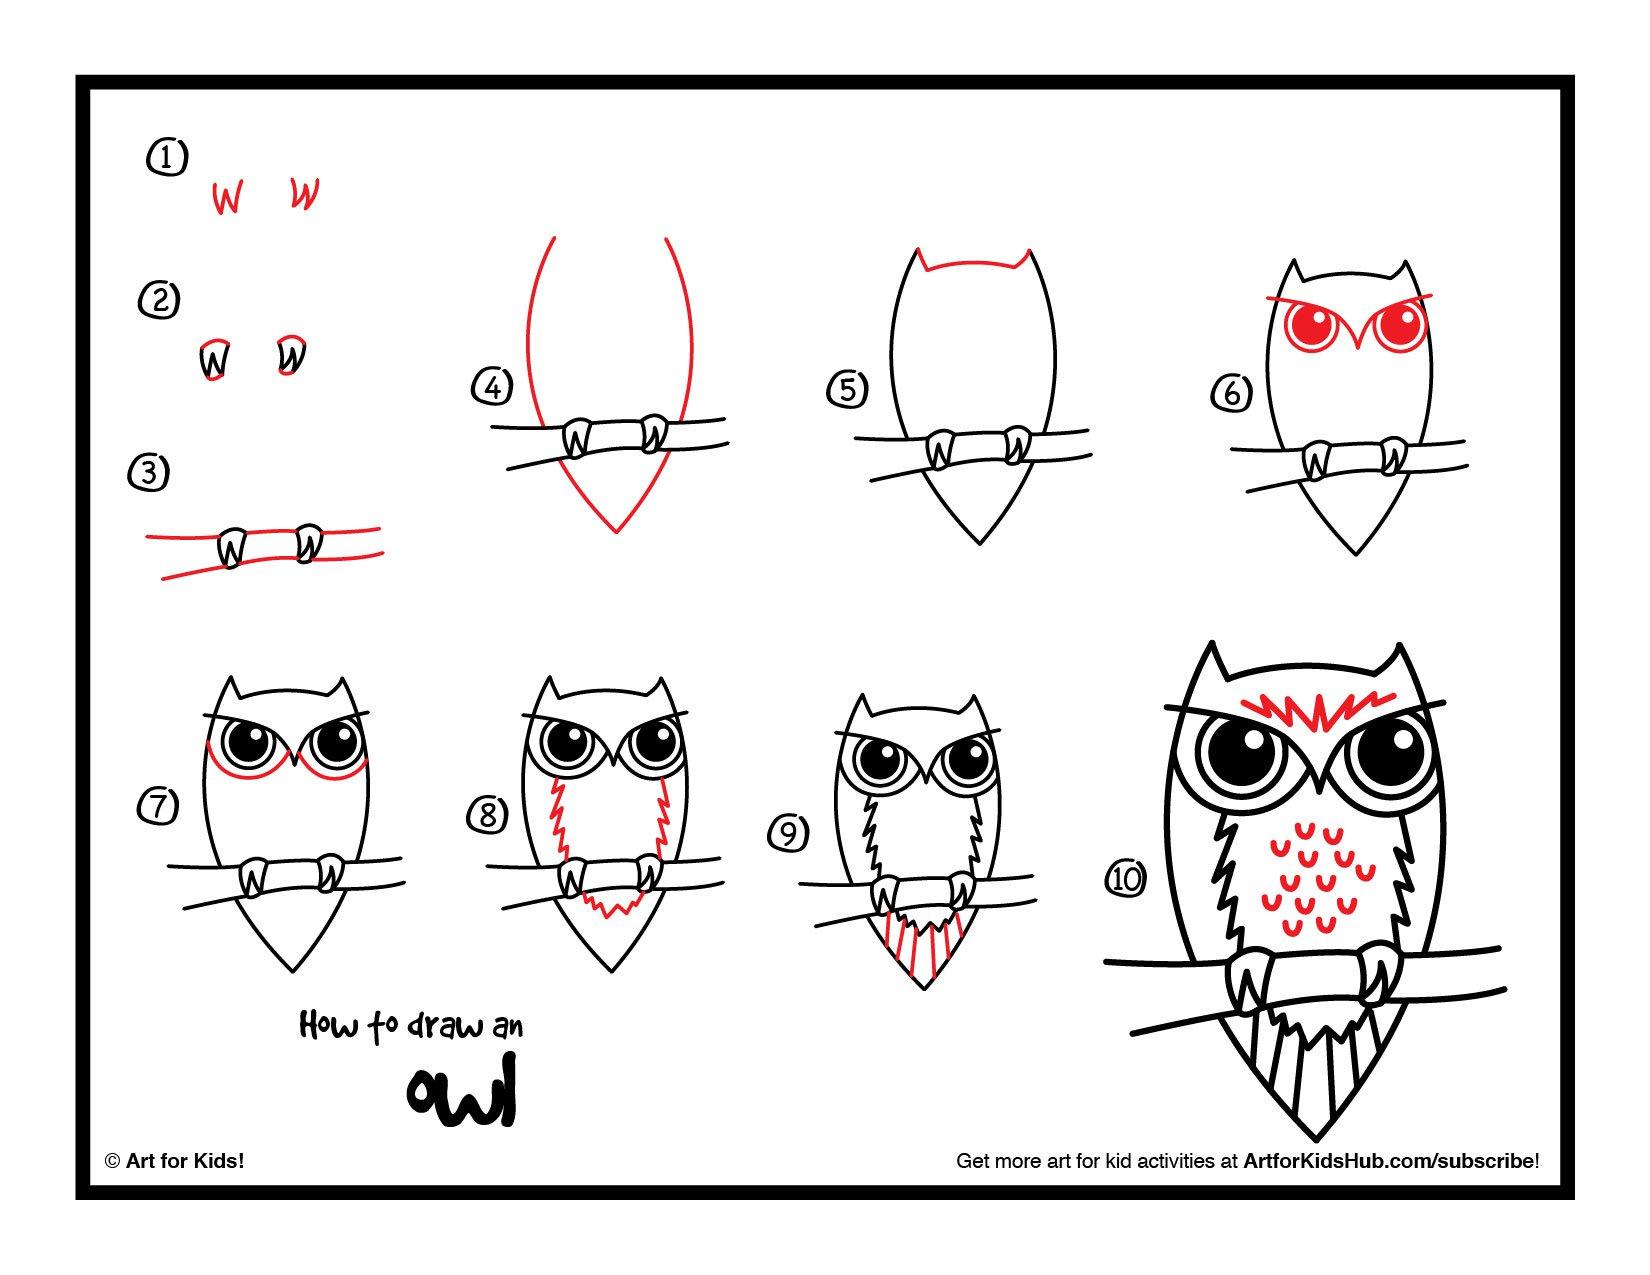 Drawn racoon art for kid hub An An art Art Art